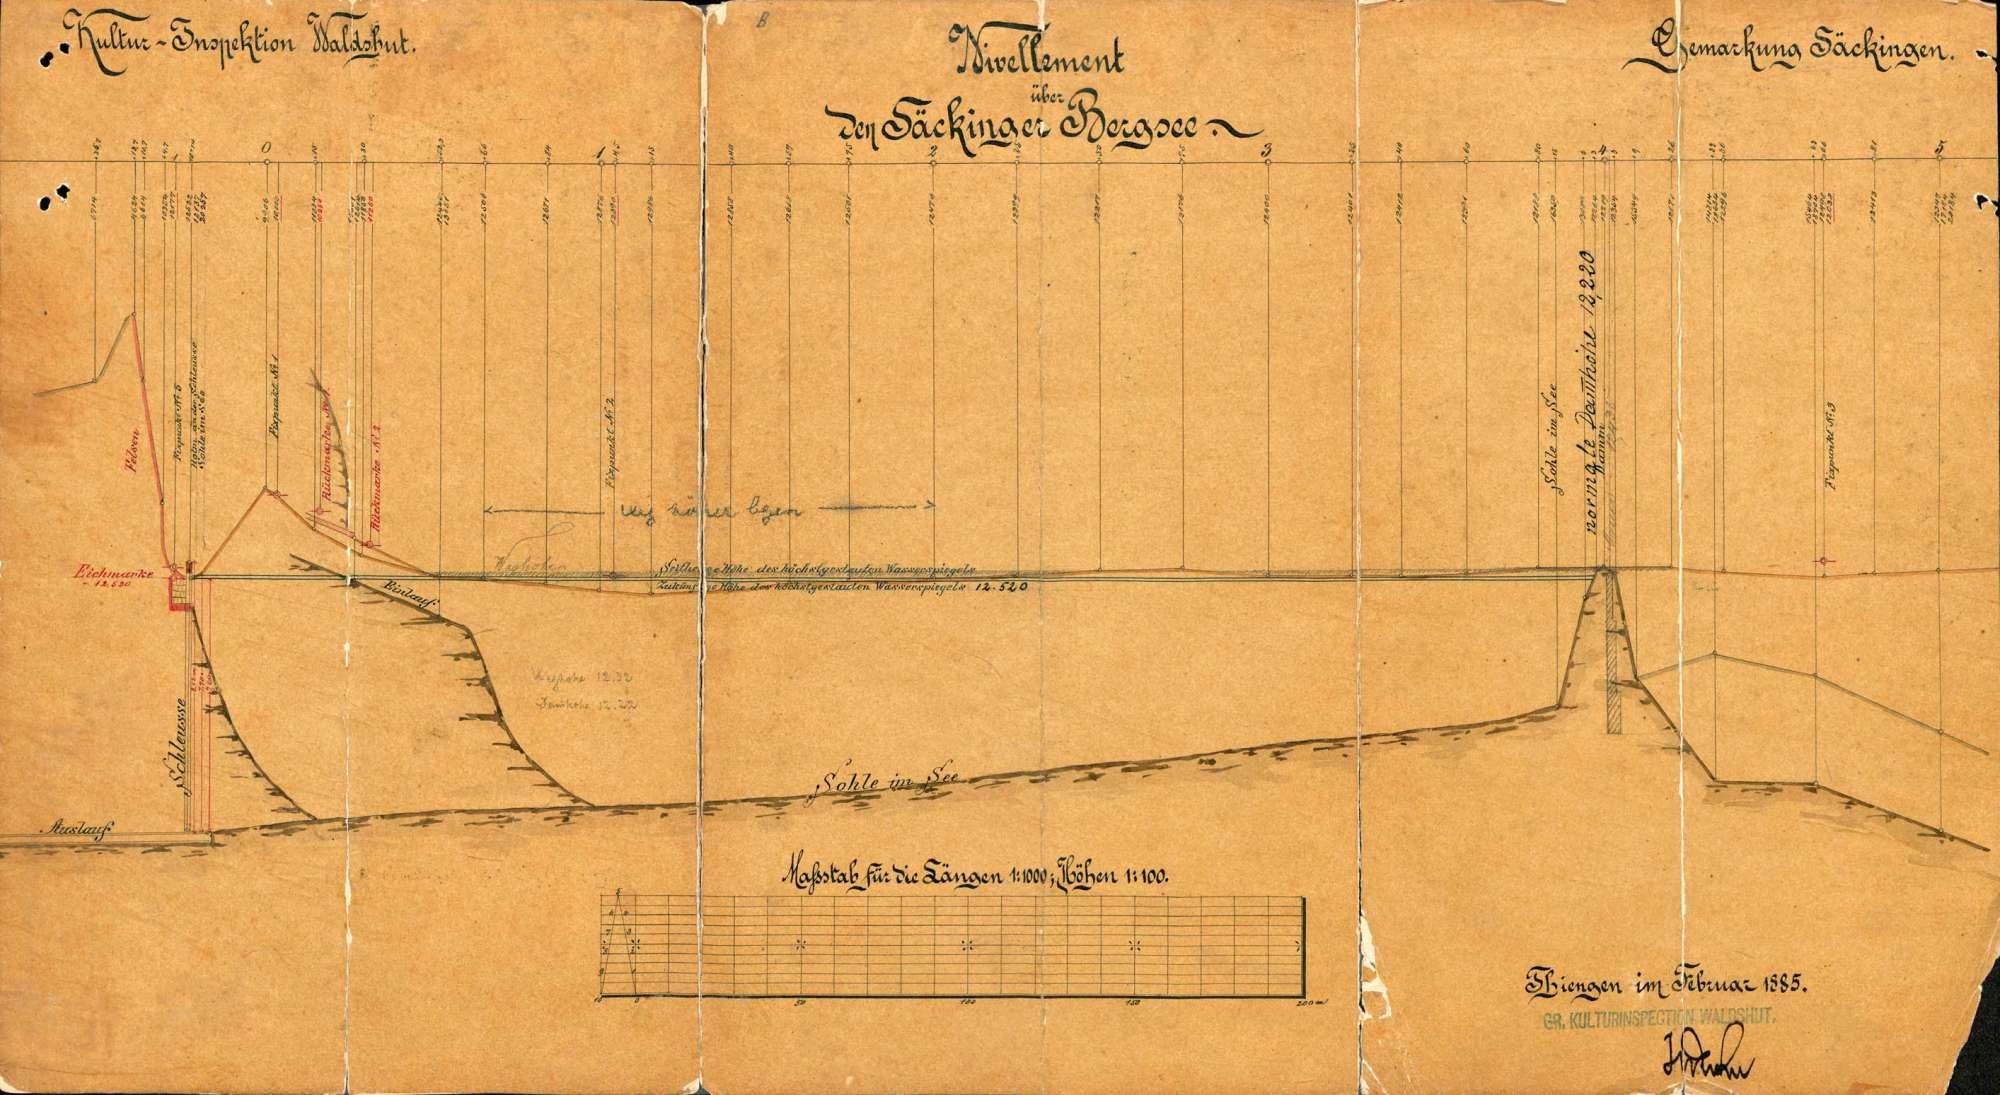 Rechtsverhältnisse bezüglich des Heidenwuhrs und des Bergsees auf Gemarkung Säckingen; Setzung einer Eichmarke am Bergsee/Säckinger See, Bild 3